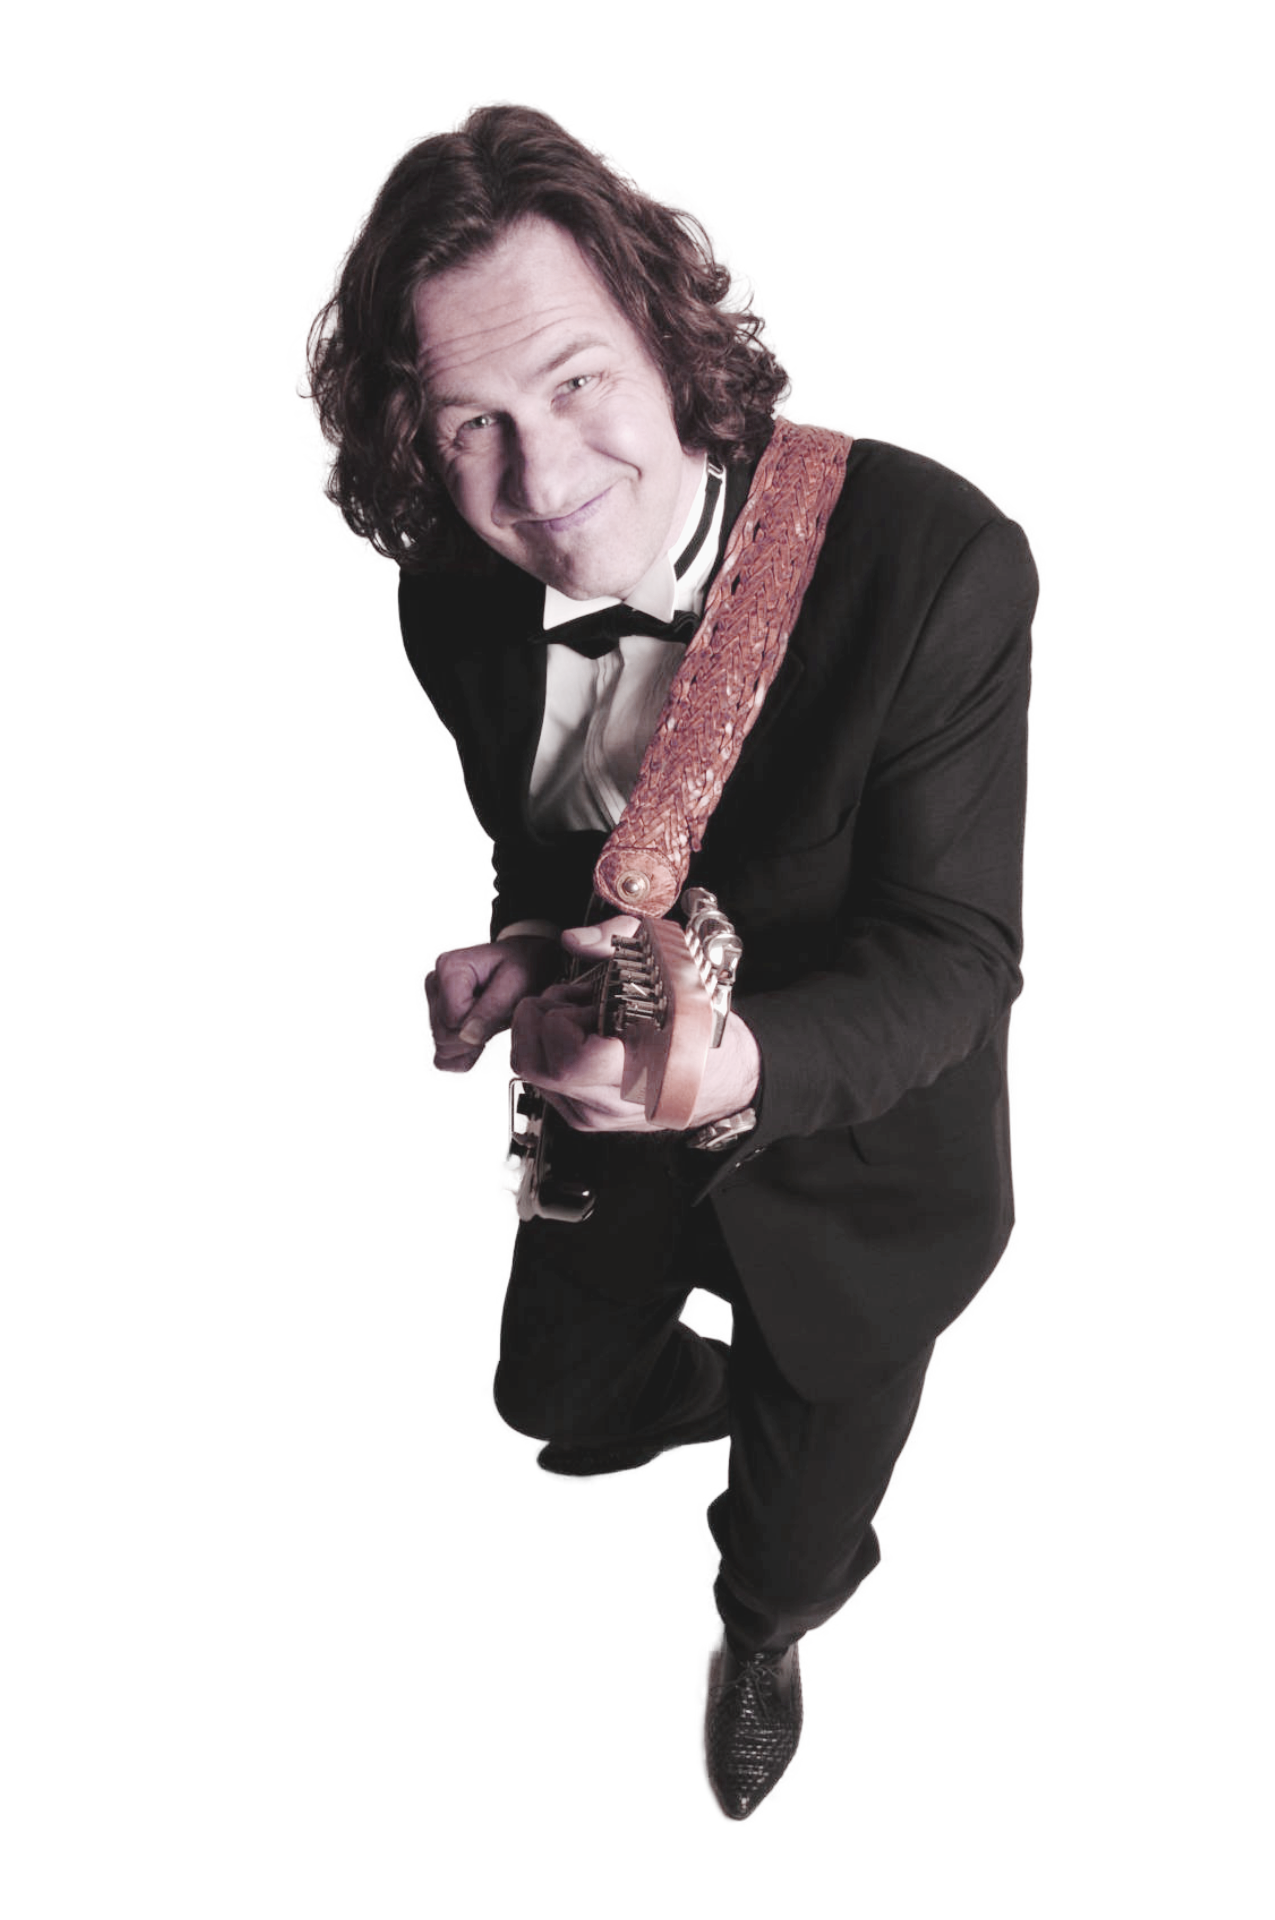 Gerd Stein Gitarrenstudio Braubach, Unterricht für jung und alt